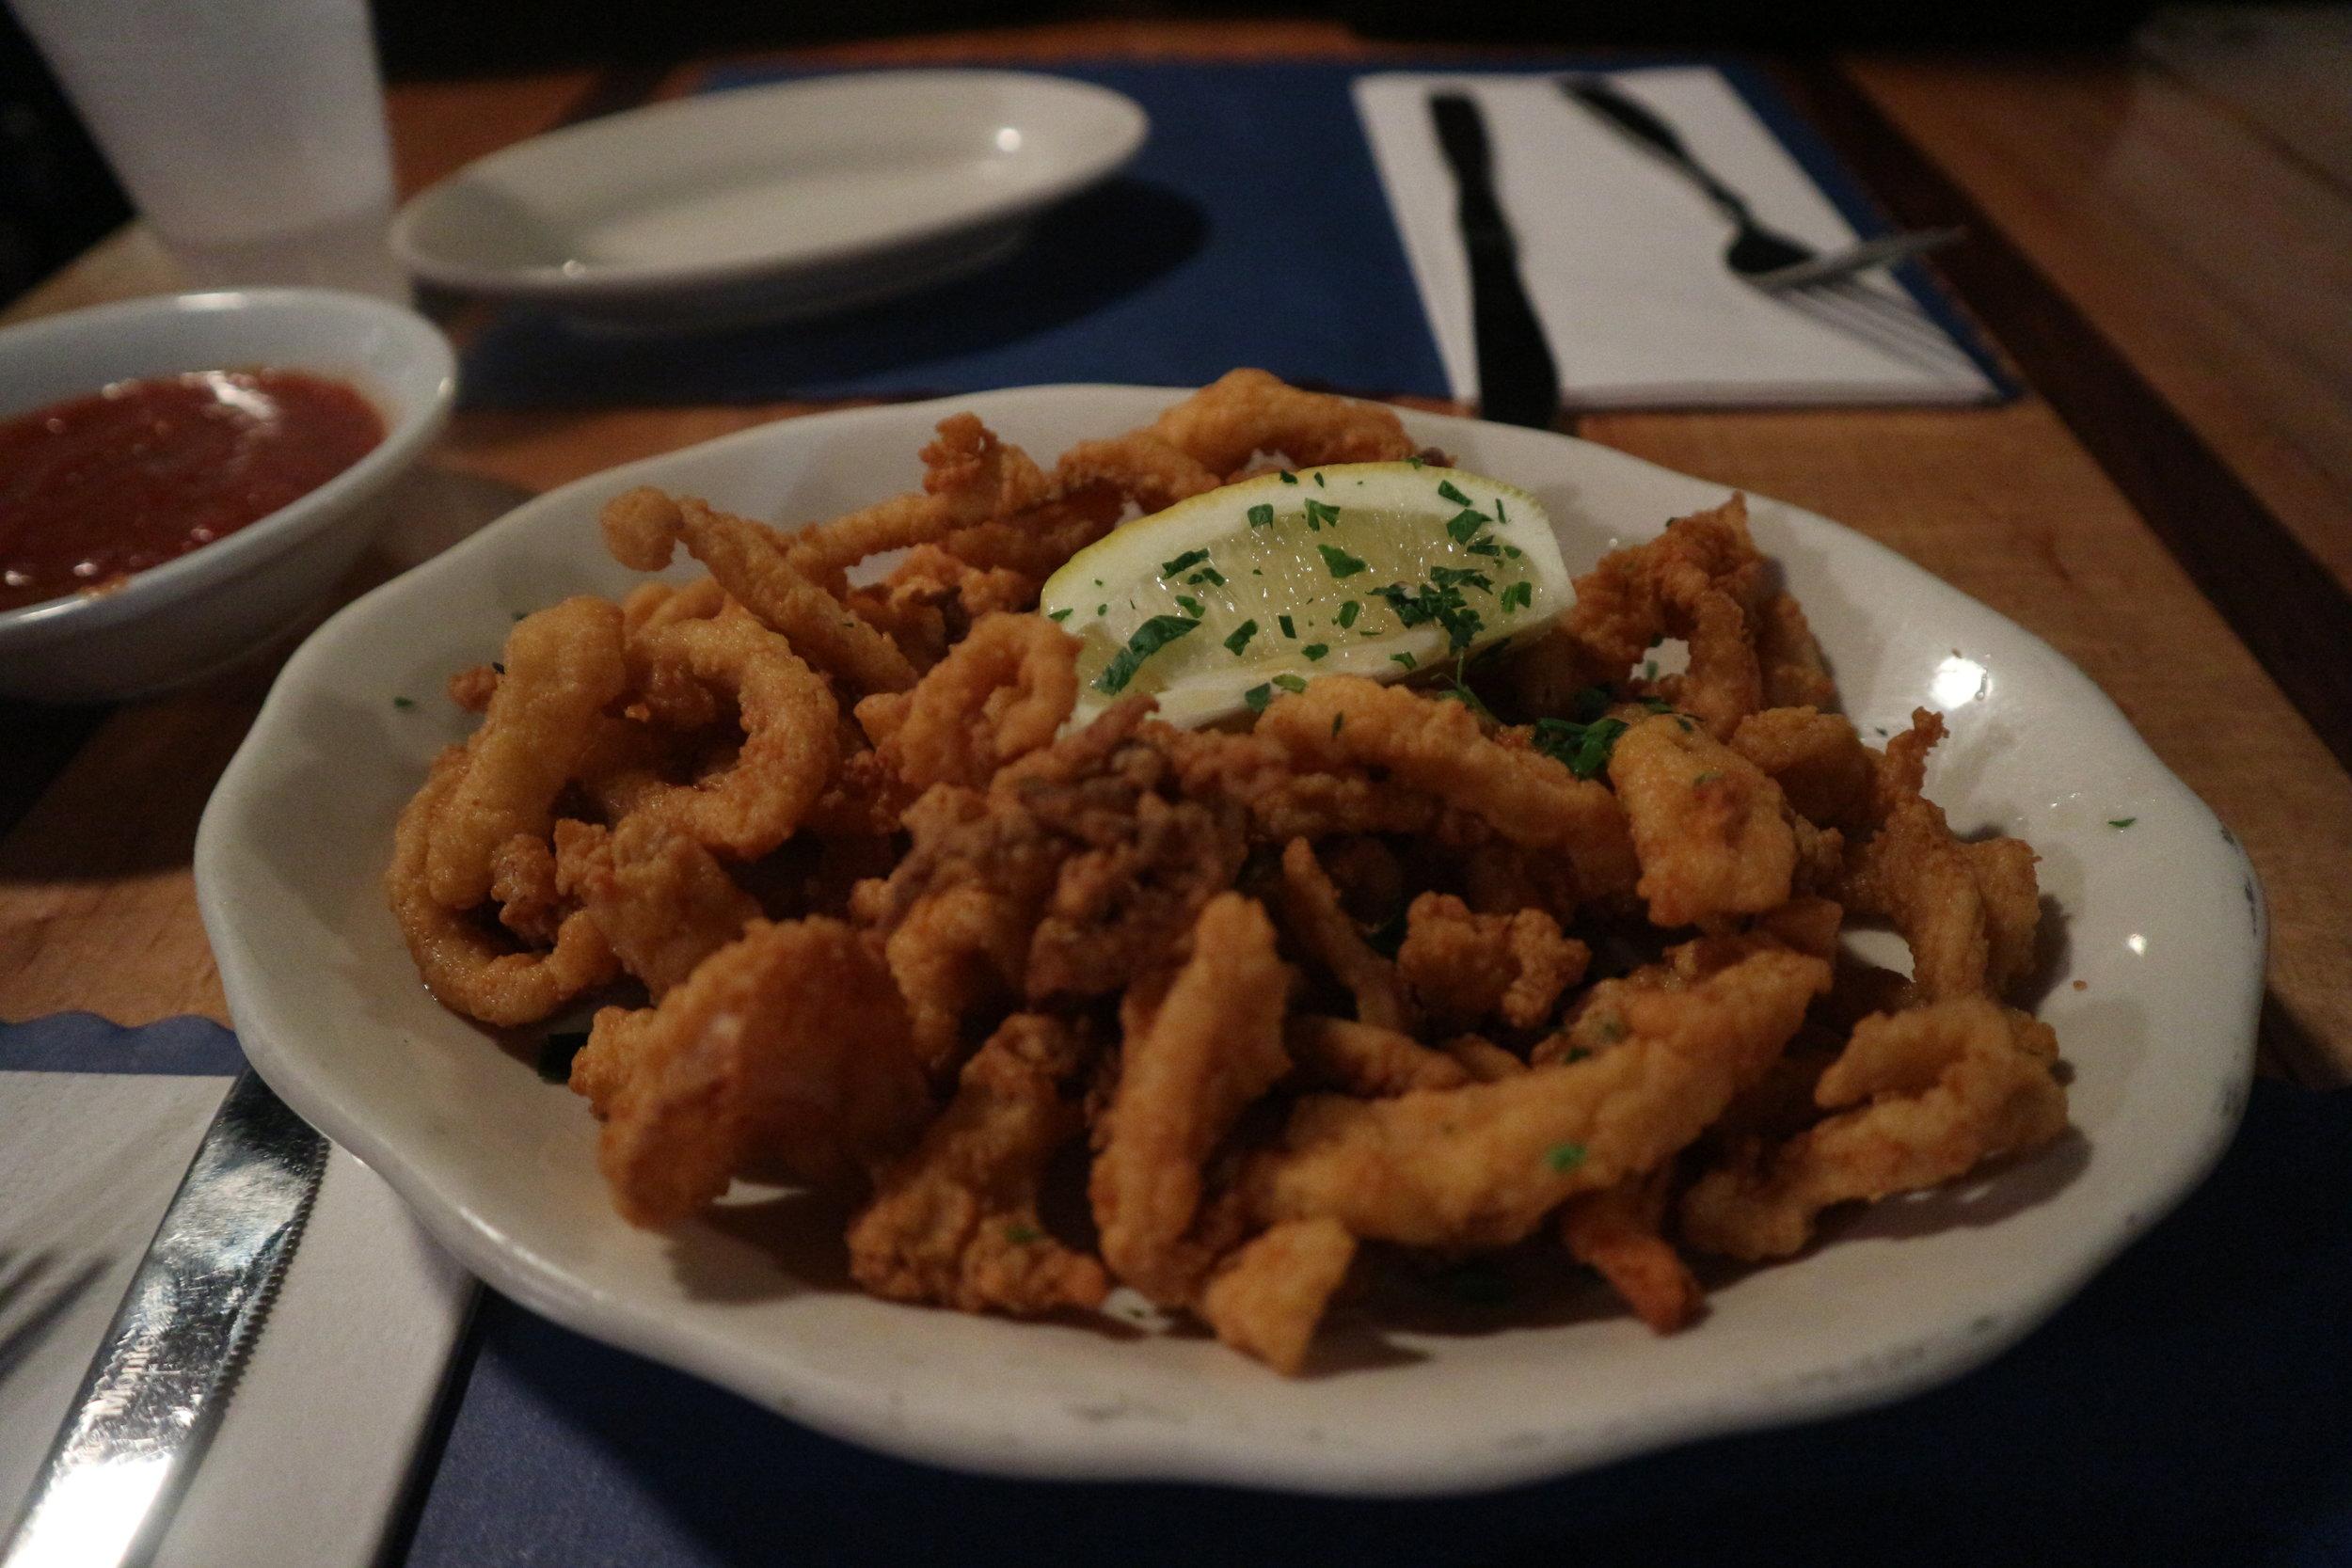 The Daily Catch: Calamari